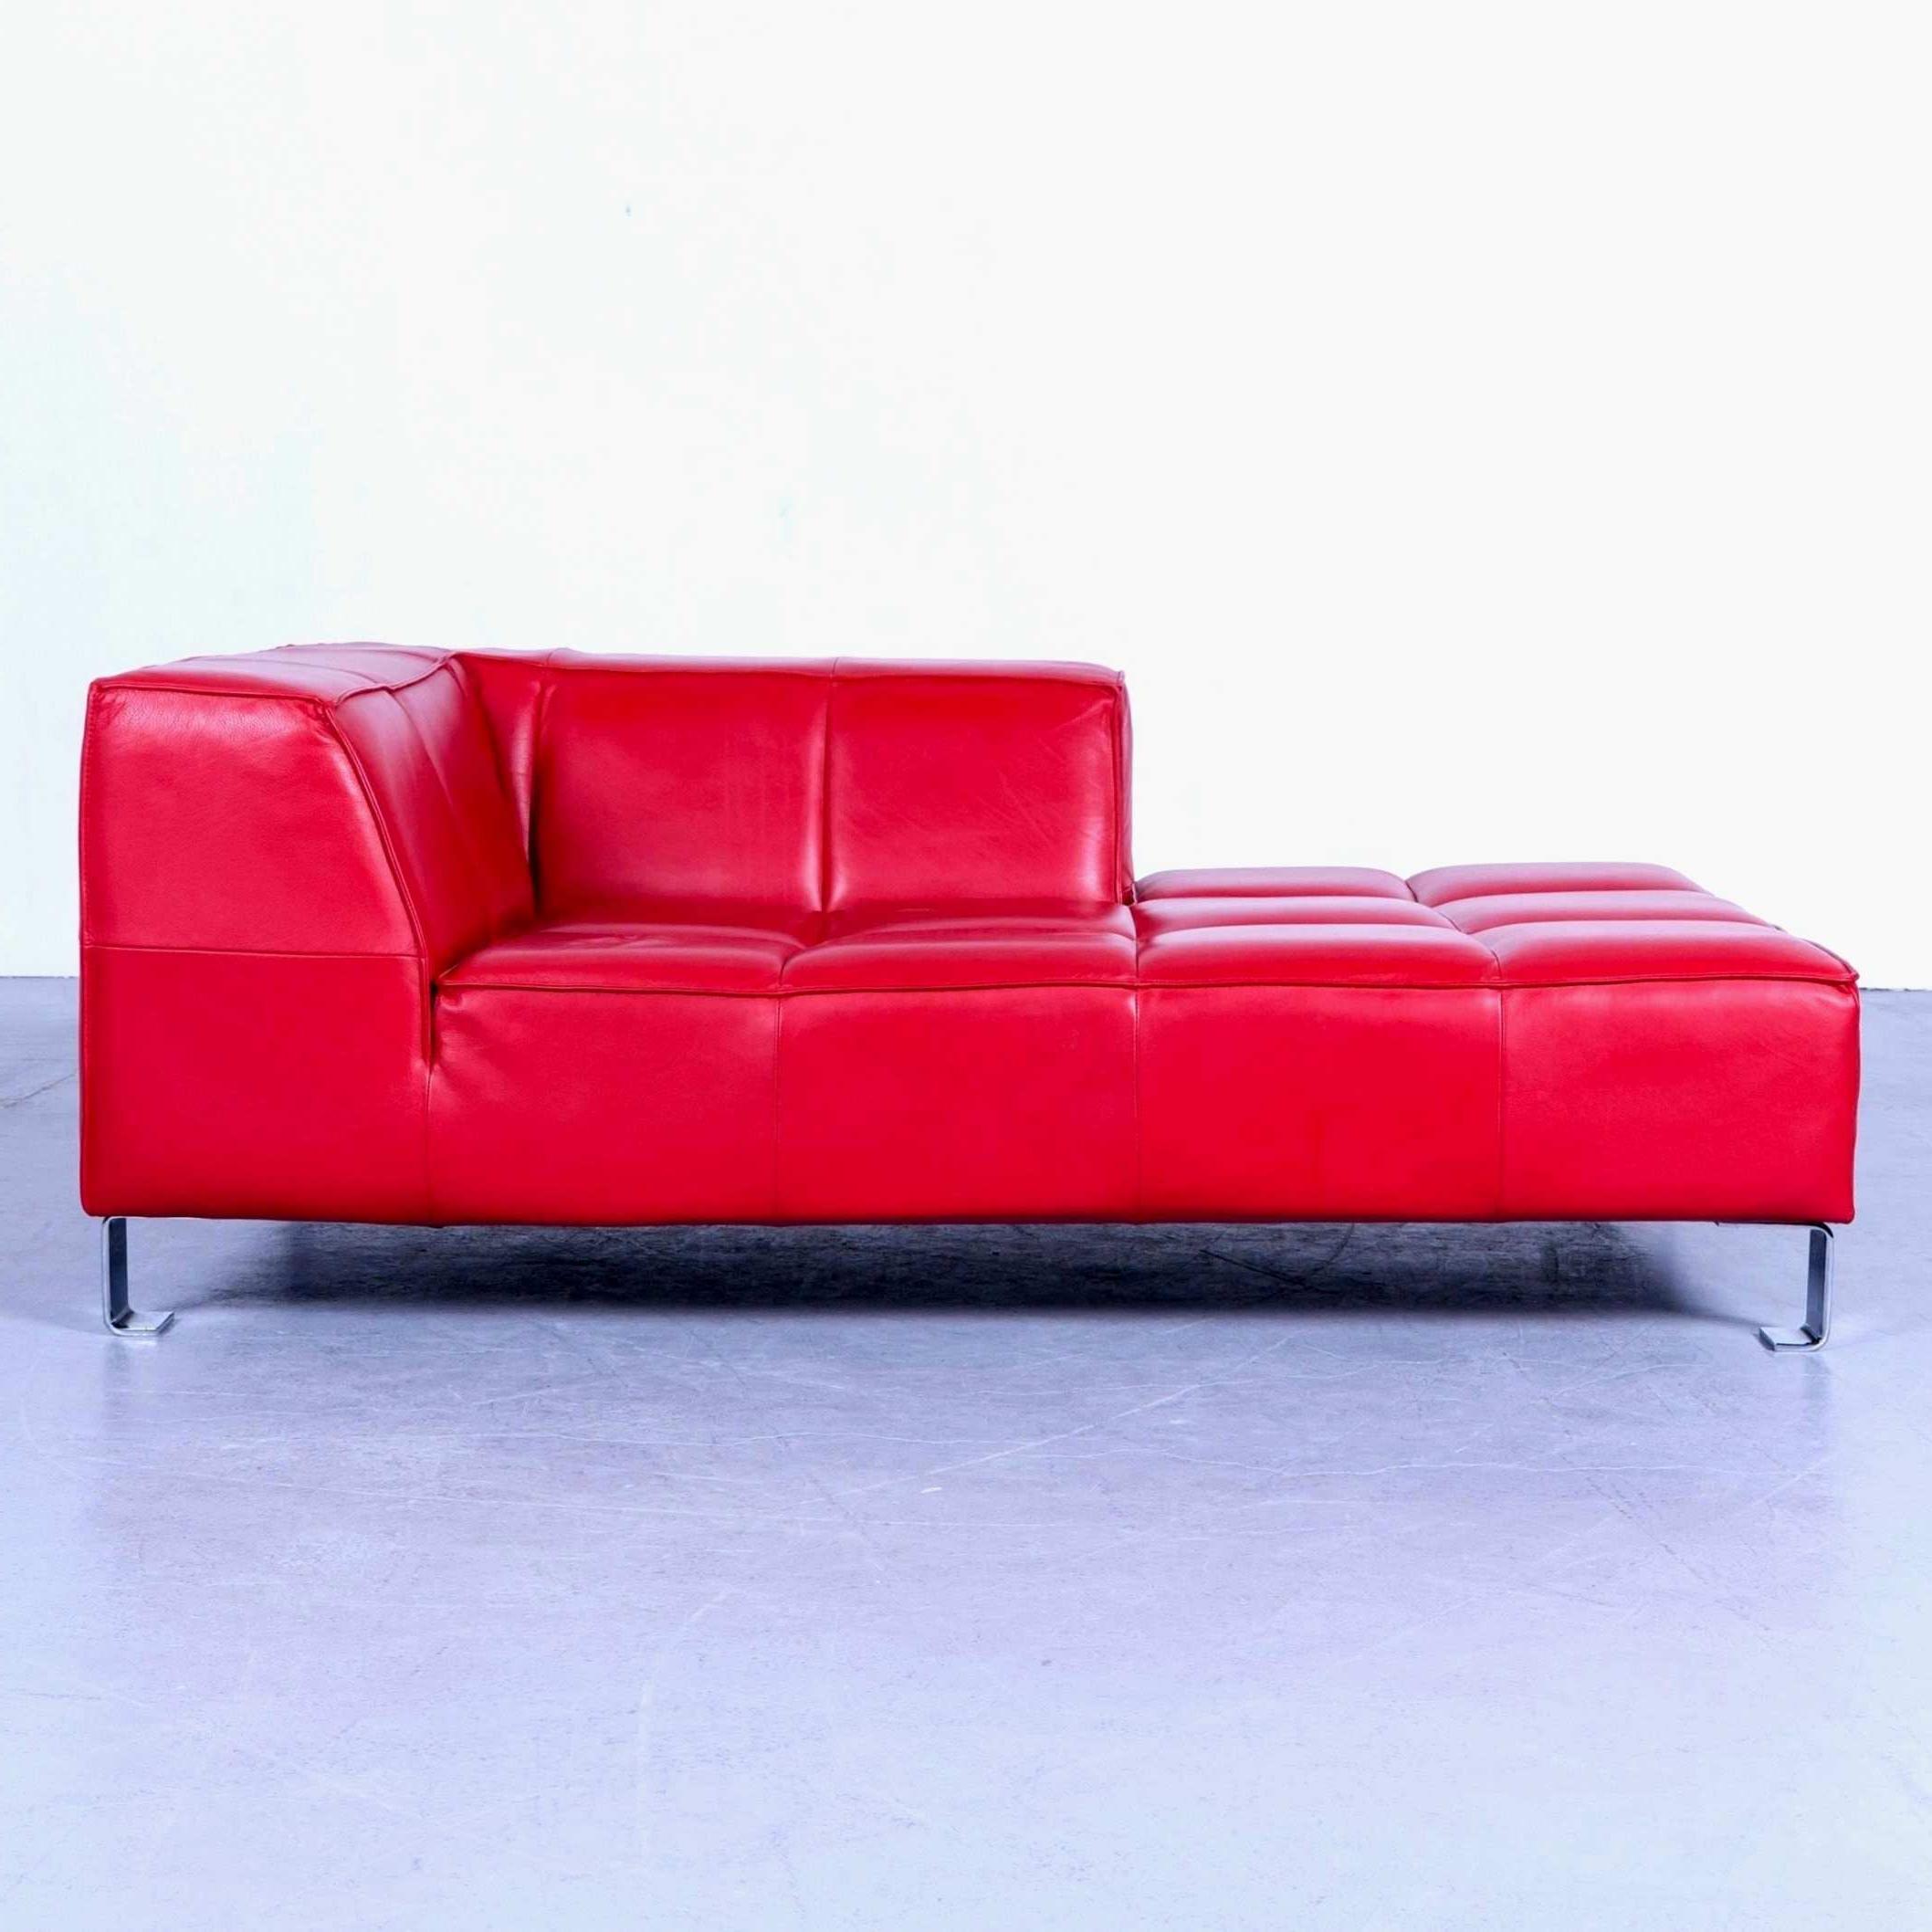 Sofas De Ocasion O2d5 Outlet Y Muebles En Madrid sofas De Segunda Mano Fiesta De